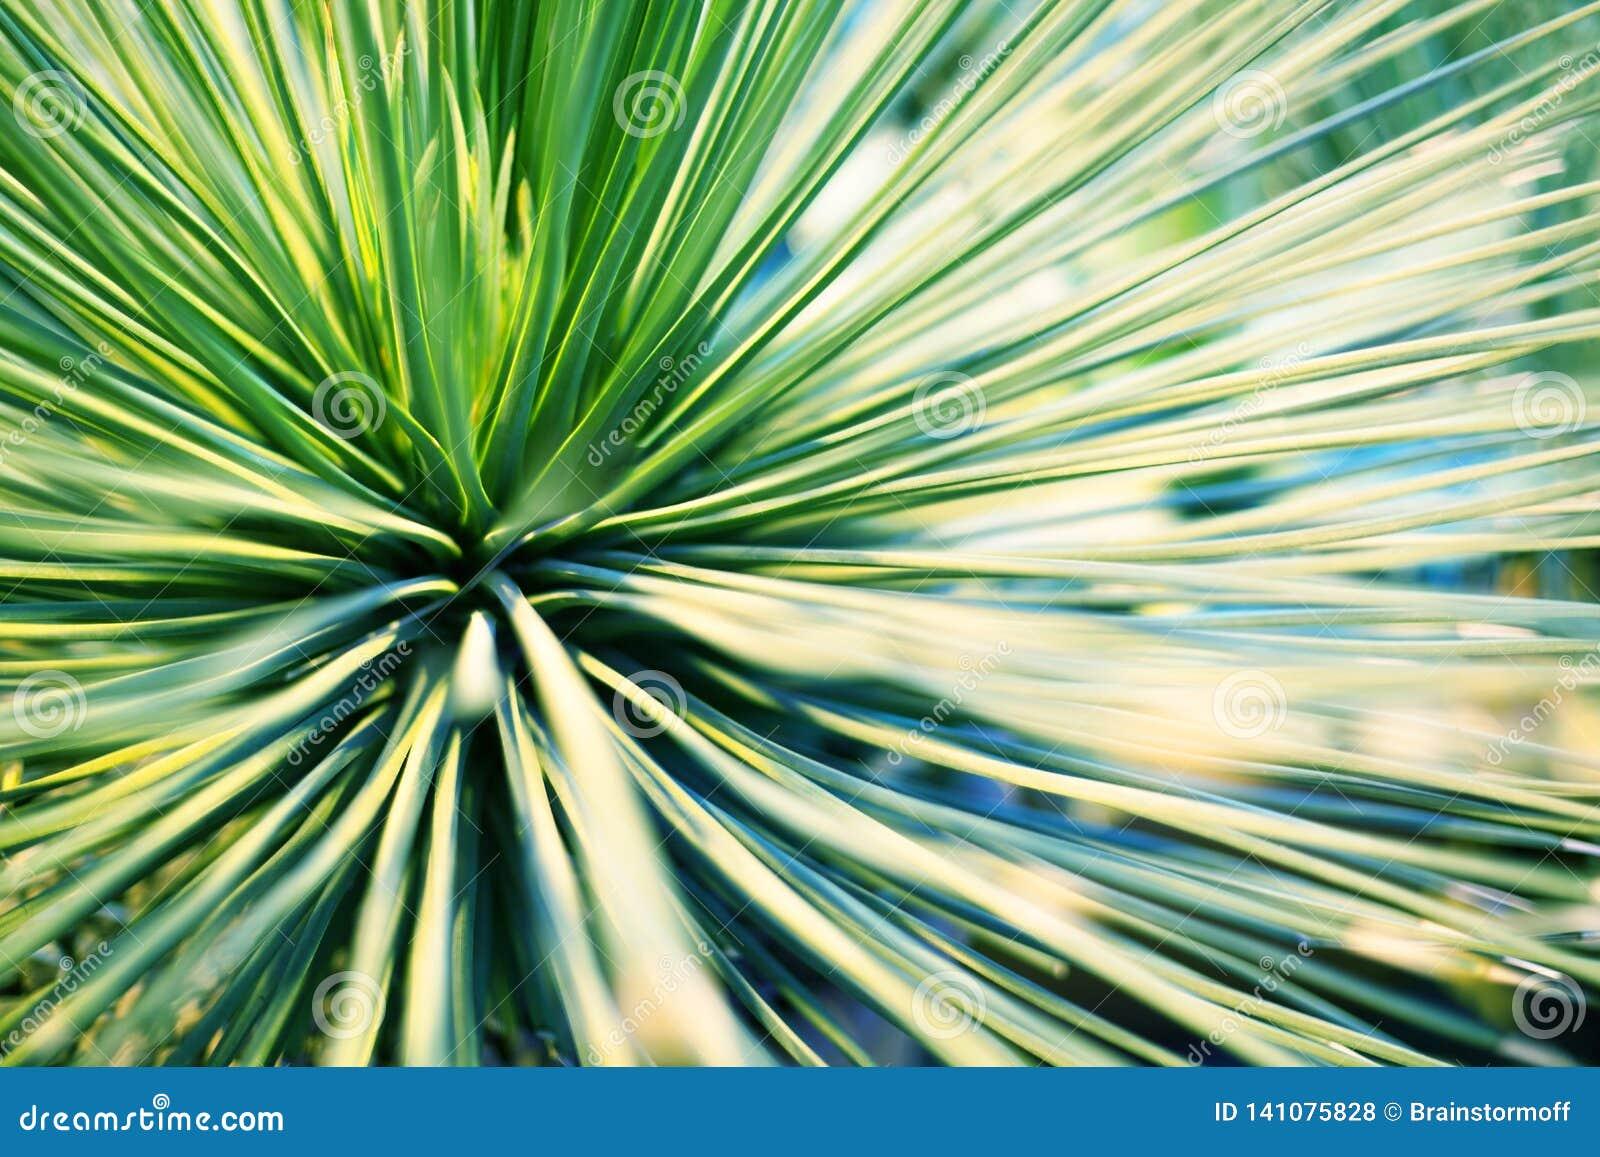 棕榈树或装饰室内植物被弄脏的背景特写镜头宏指令鲜绿色的叶子